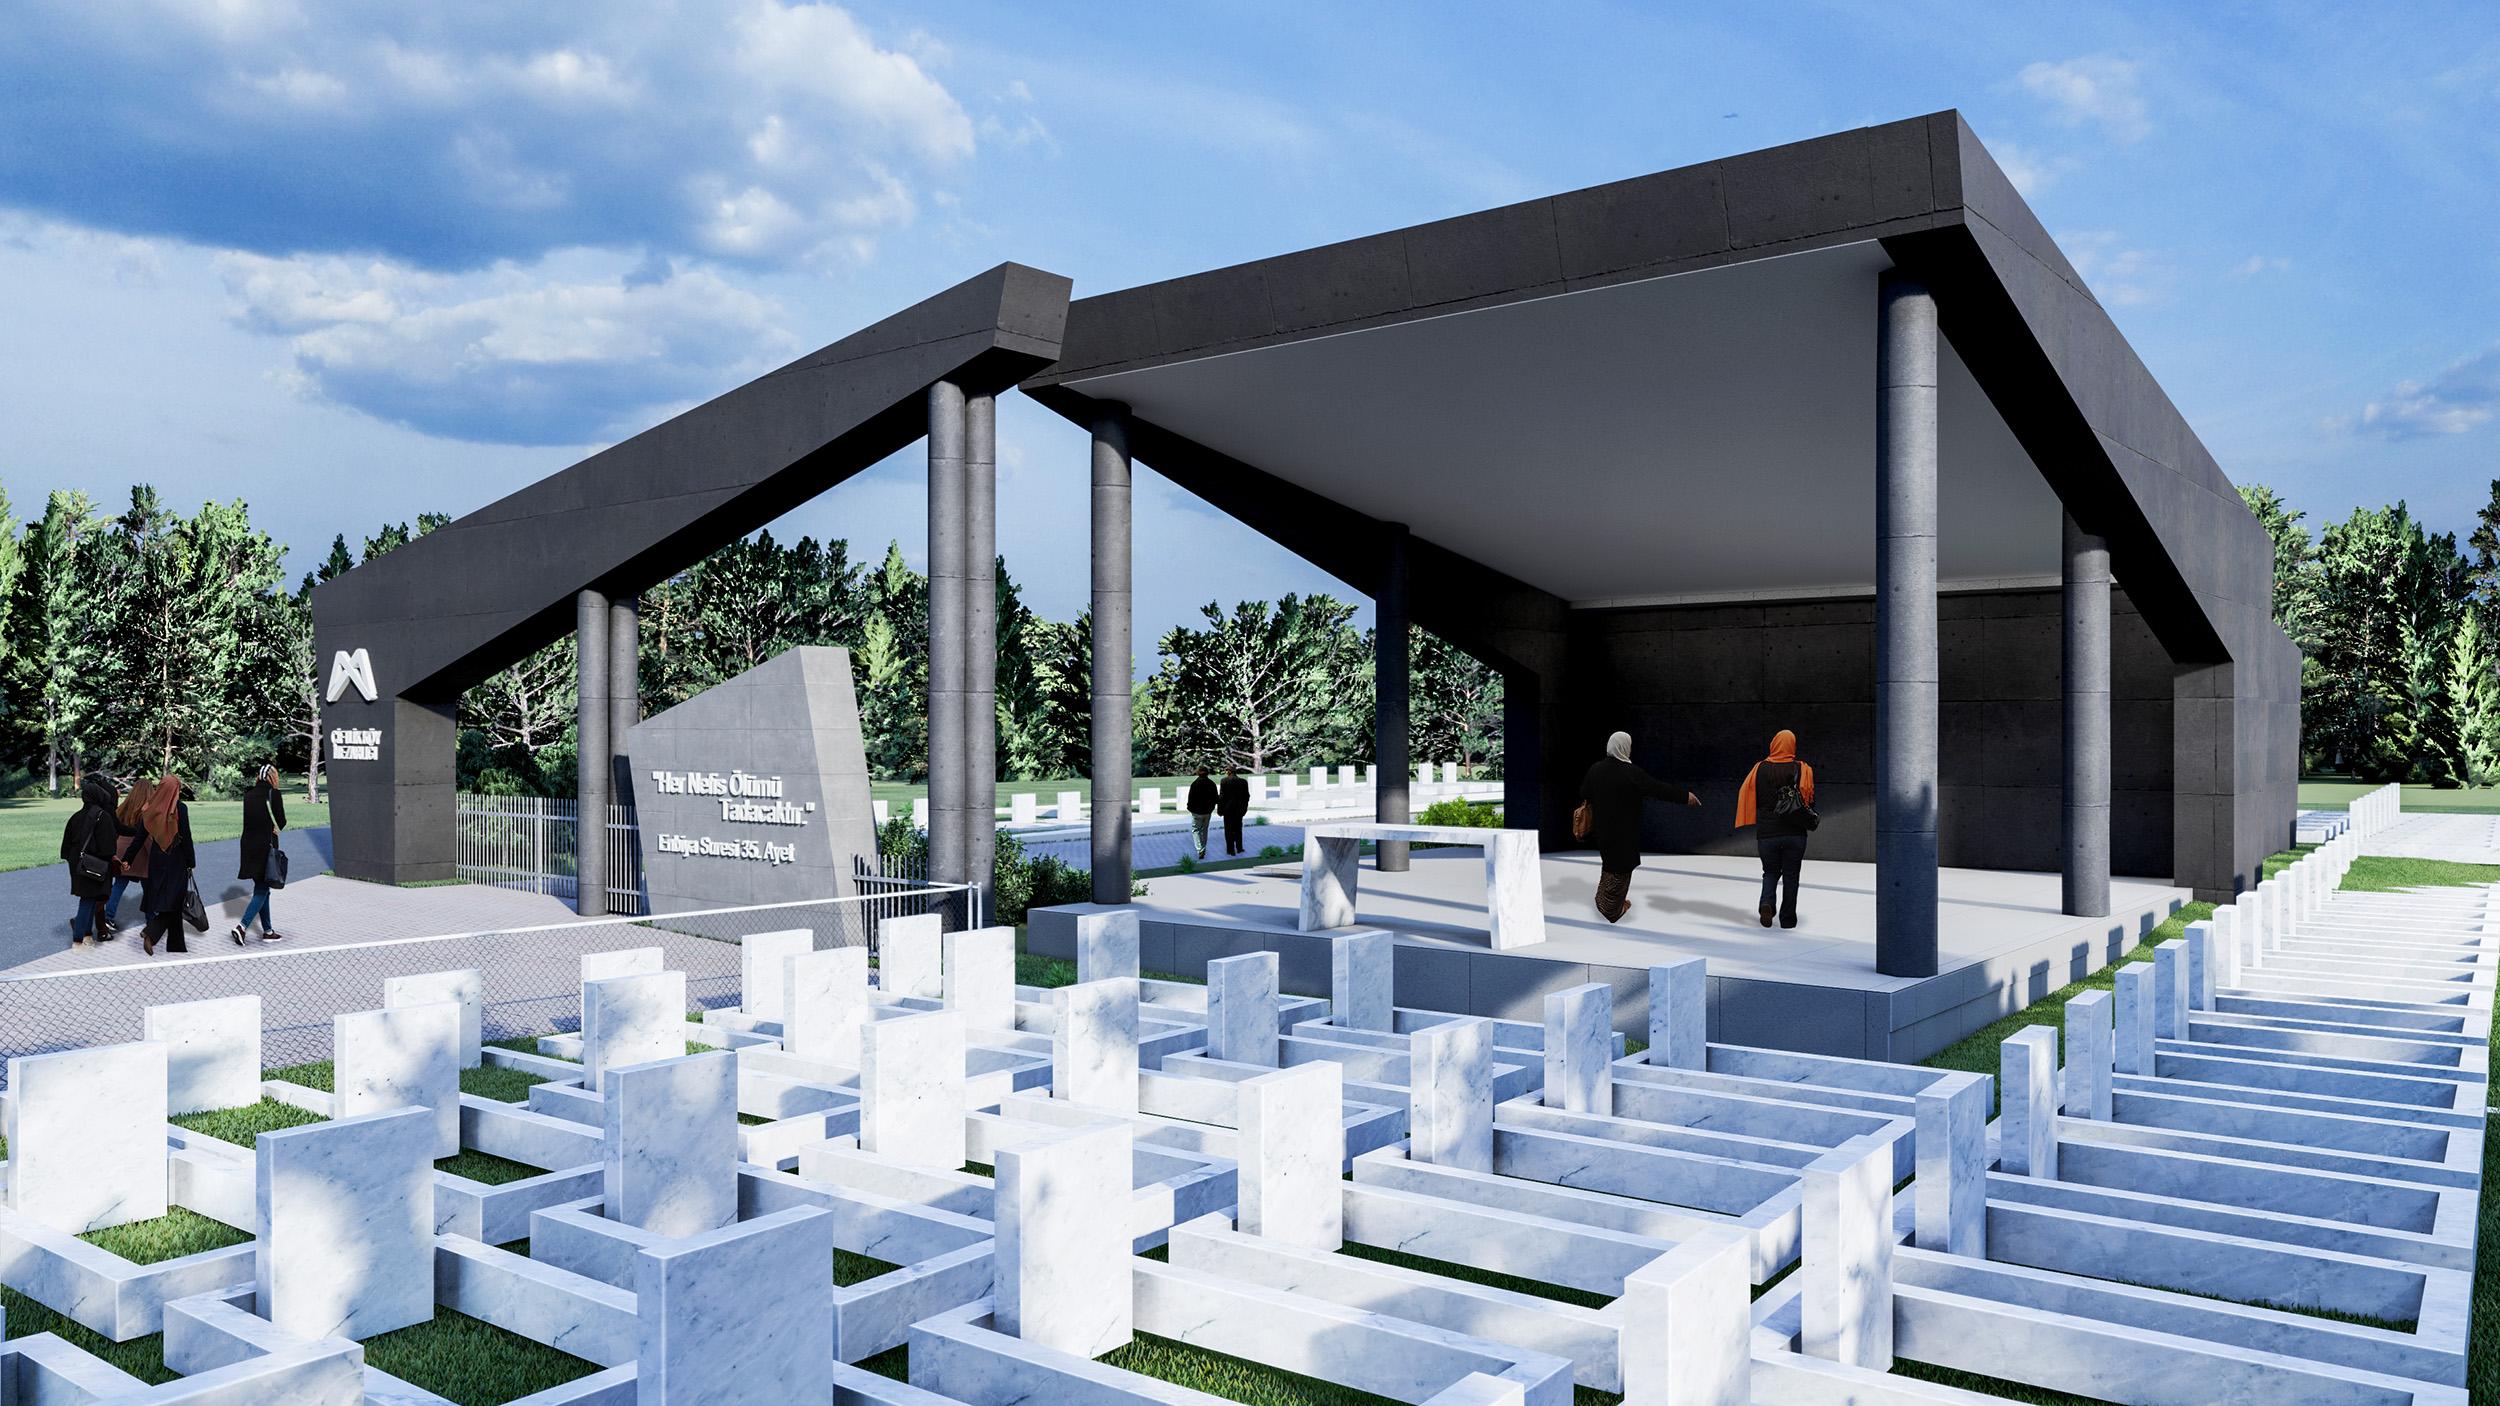 Tarsus mezarlığı 2021 yılının ilk çeyreğinde tamamlanacak